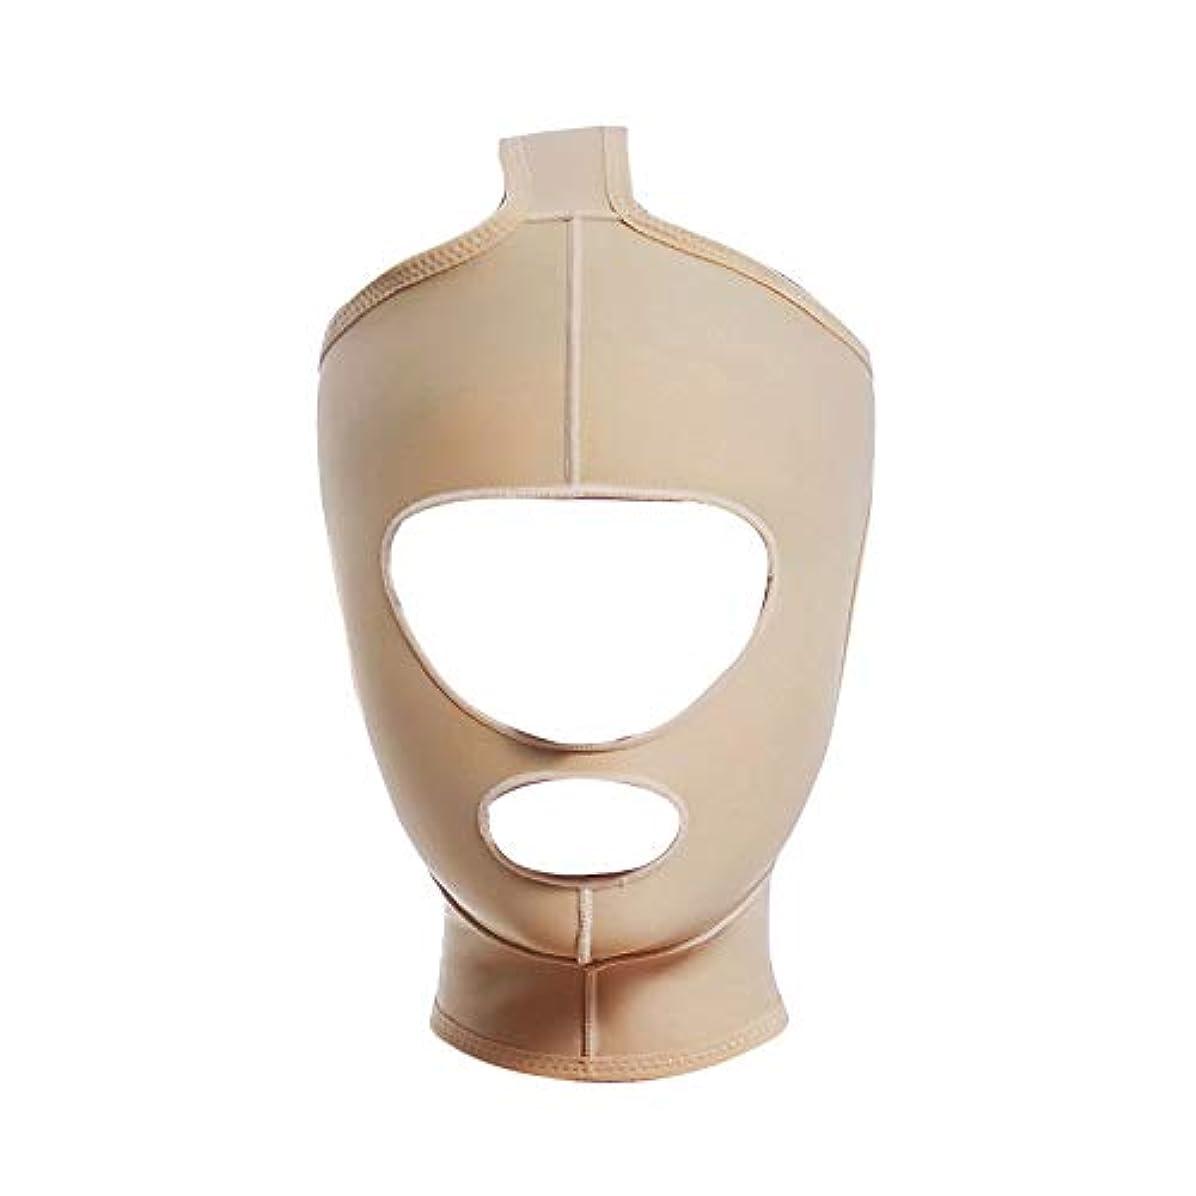 シロクマ接続ナプキンGLJJQMY 顔と首のリフト痩身マスクの顔の彫刻の顔の弾性スーツ薄い二重あごのアーティファクトV顔のビーム表面 顔用整形マスク (Size : M)